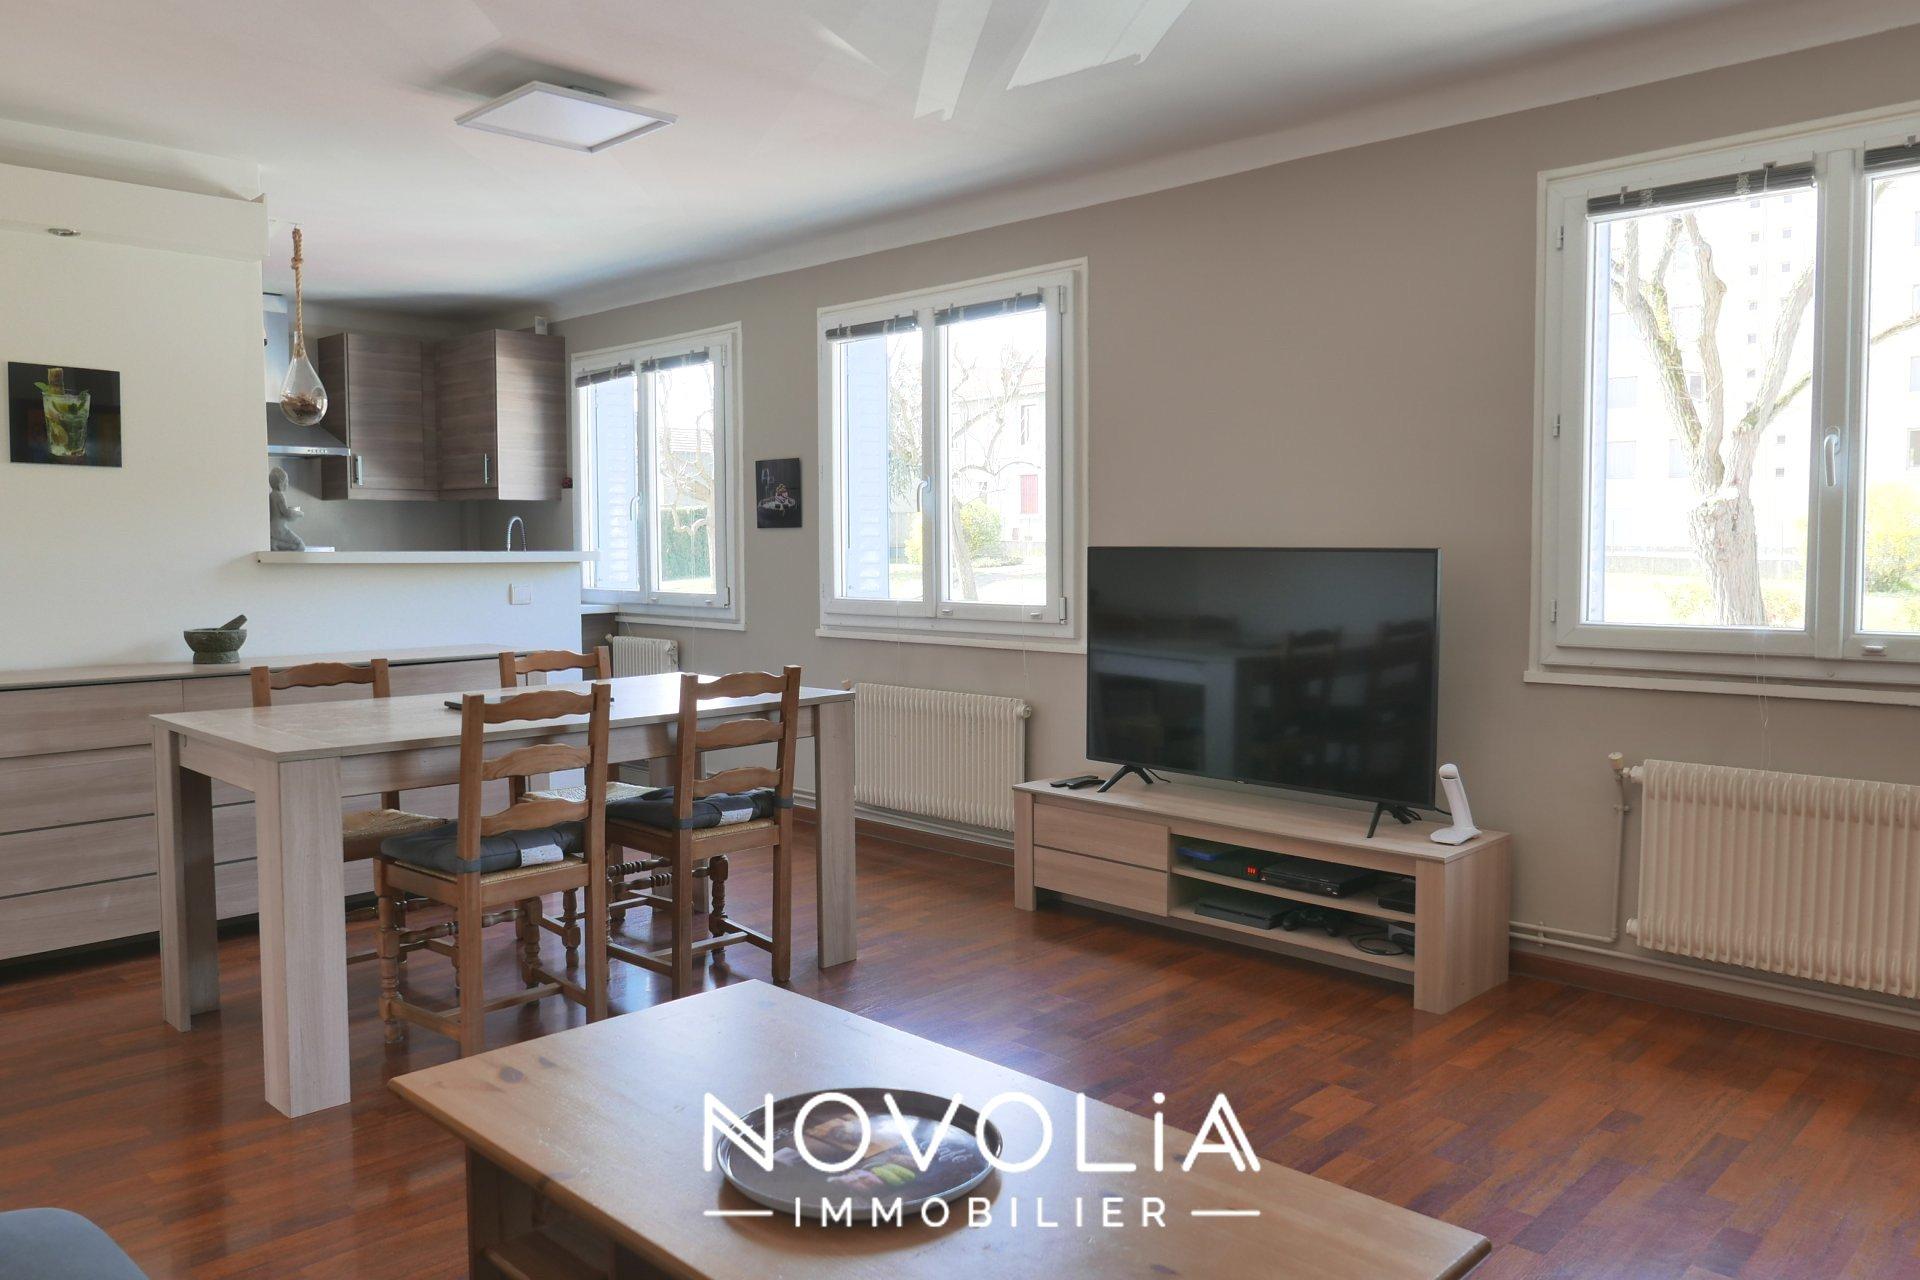 Achat Appartement Surface de 77 m², 4 pièces, Oullins (69600)